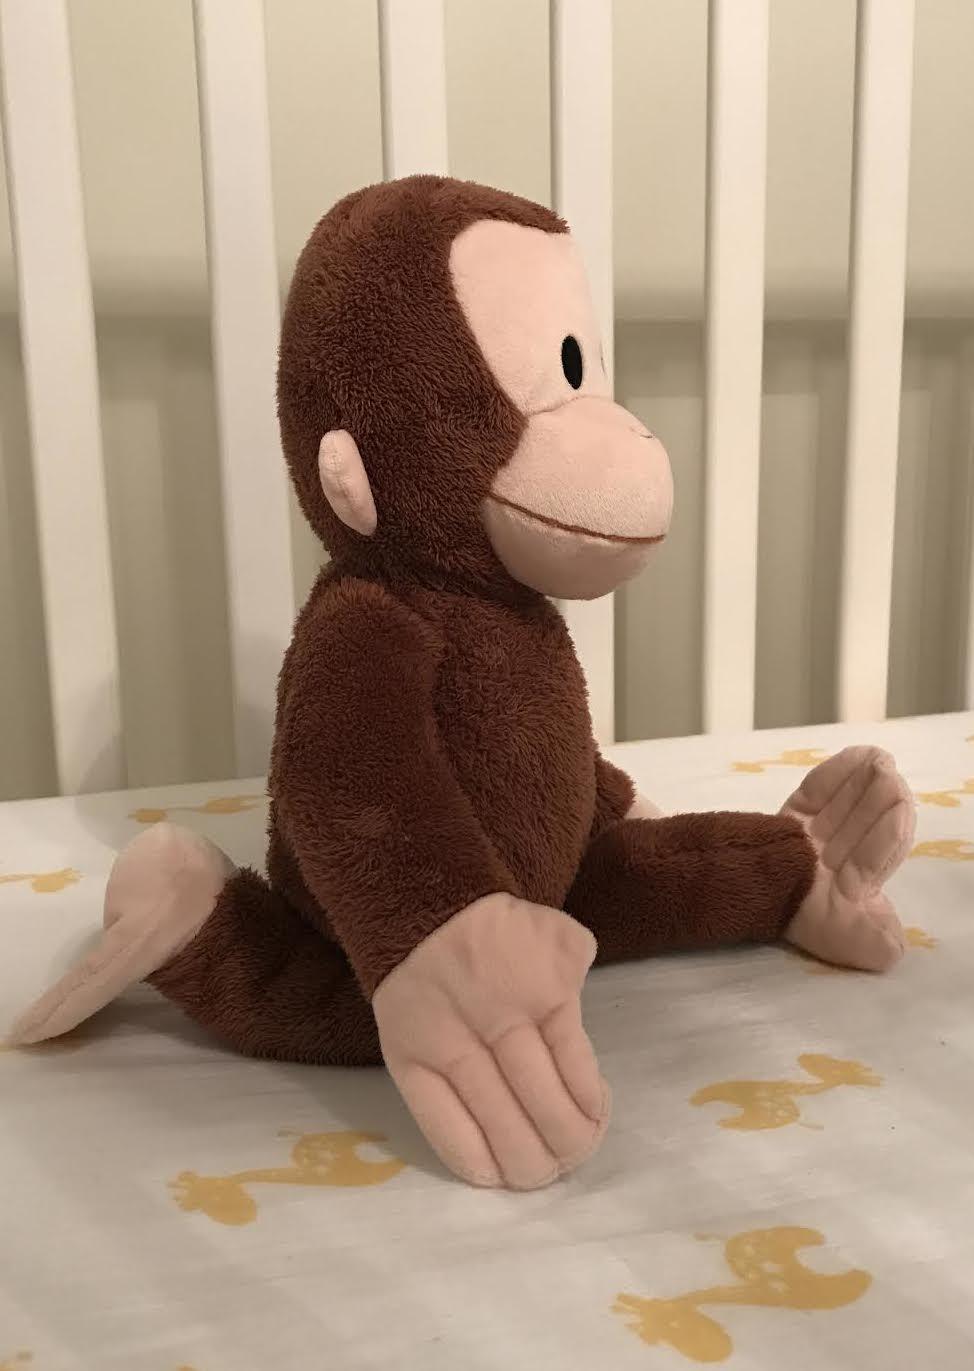 Monkey doing Monkey Pose.